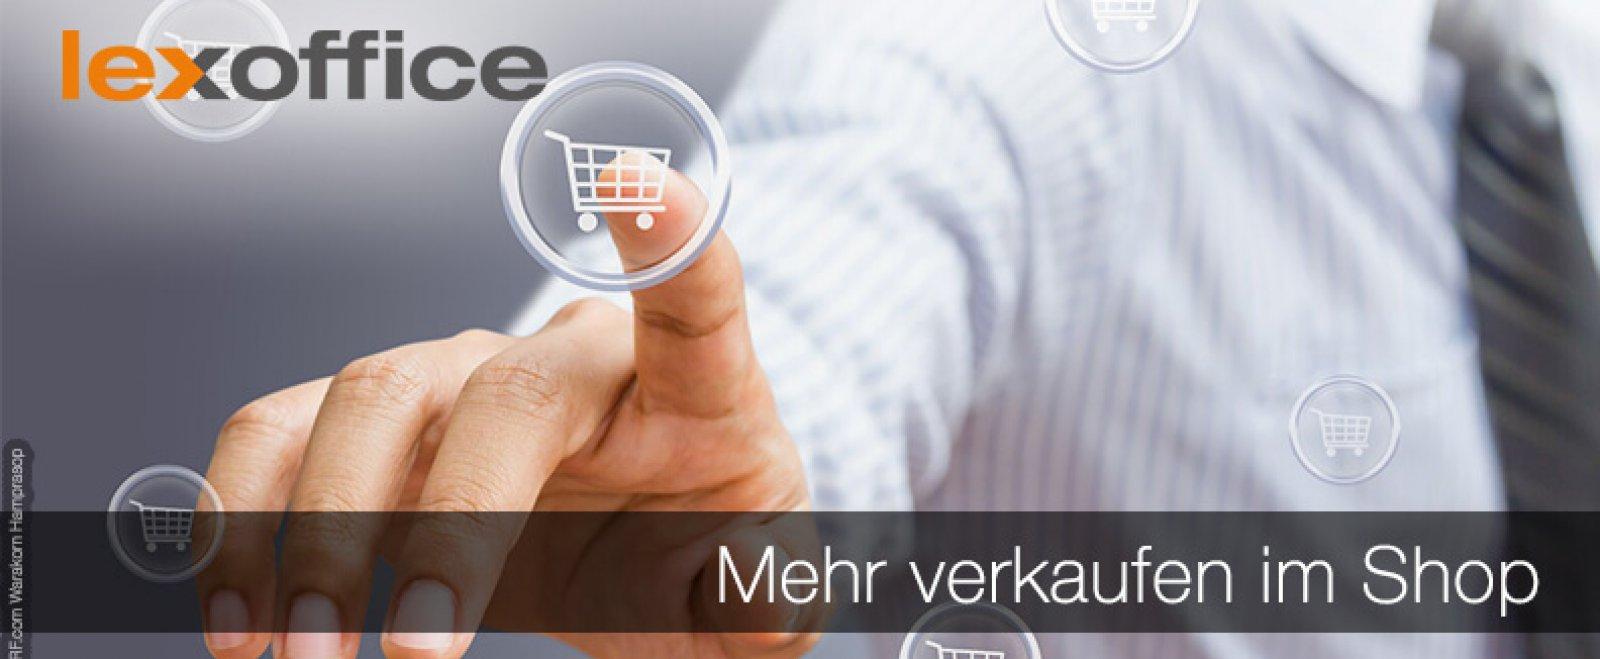 Als Webshop-Betreiber kennst Du das Problem: Kaufabbrüche reduzieren und mehr verkaufen im Shop ist Deine größte Herausforderung.